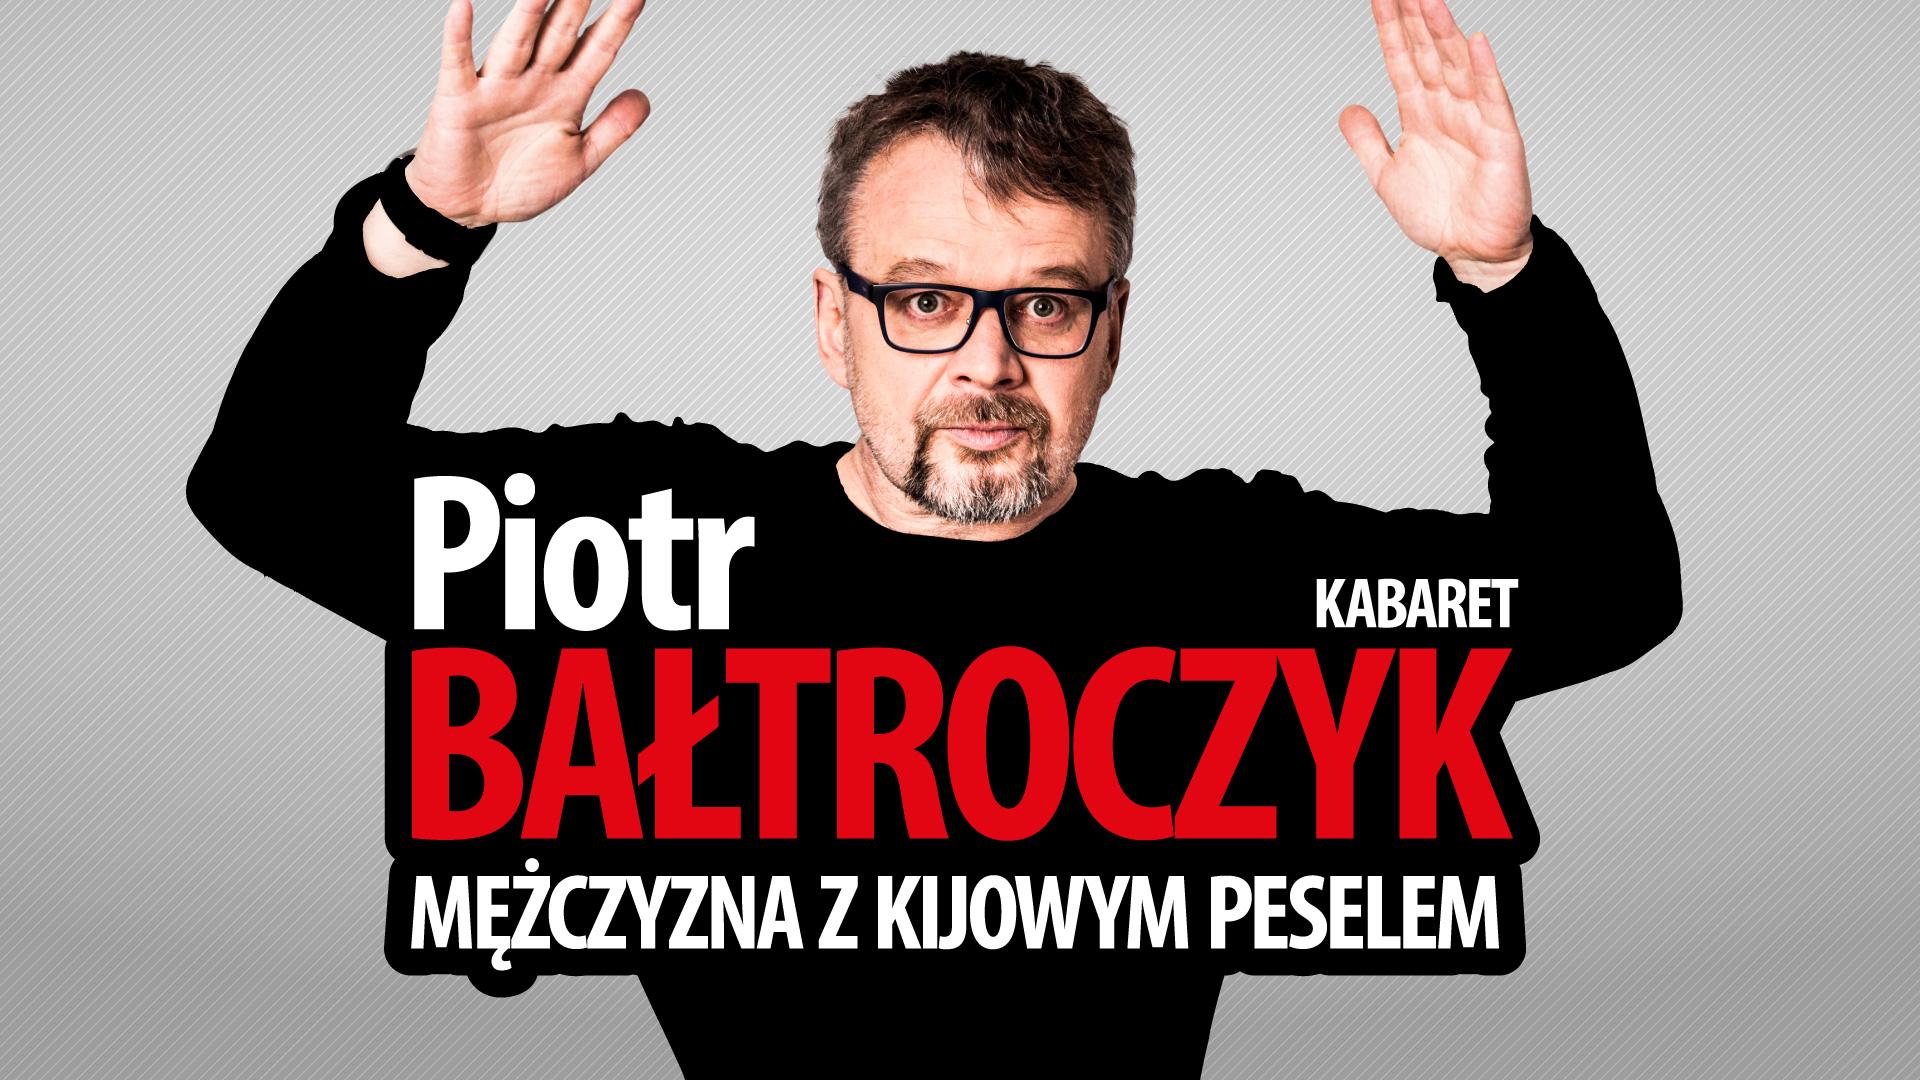 """Piotr Bałtroczyk """"Mężczyzna z kijowym peselem"""""""